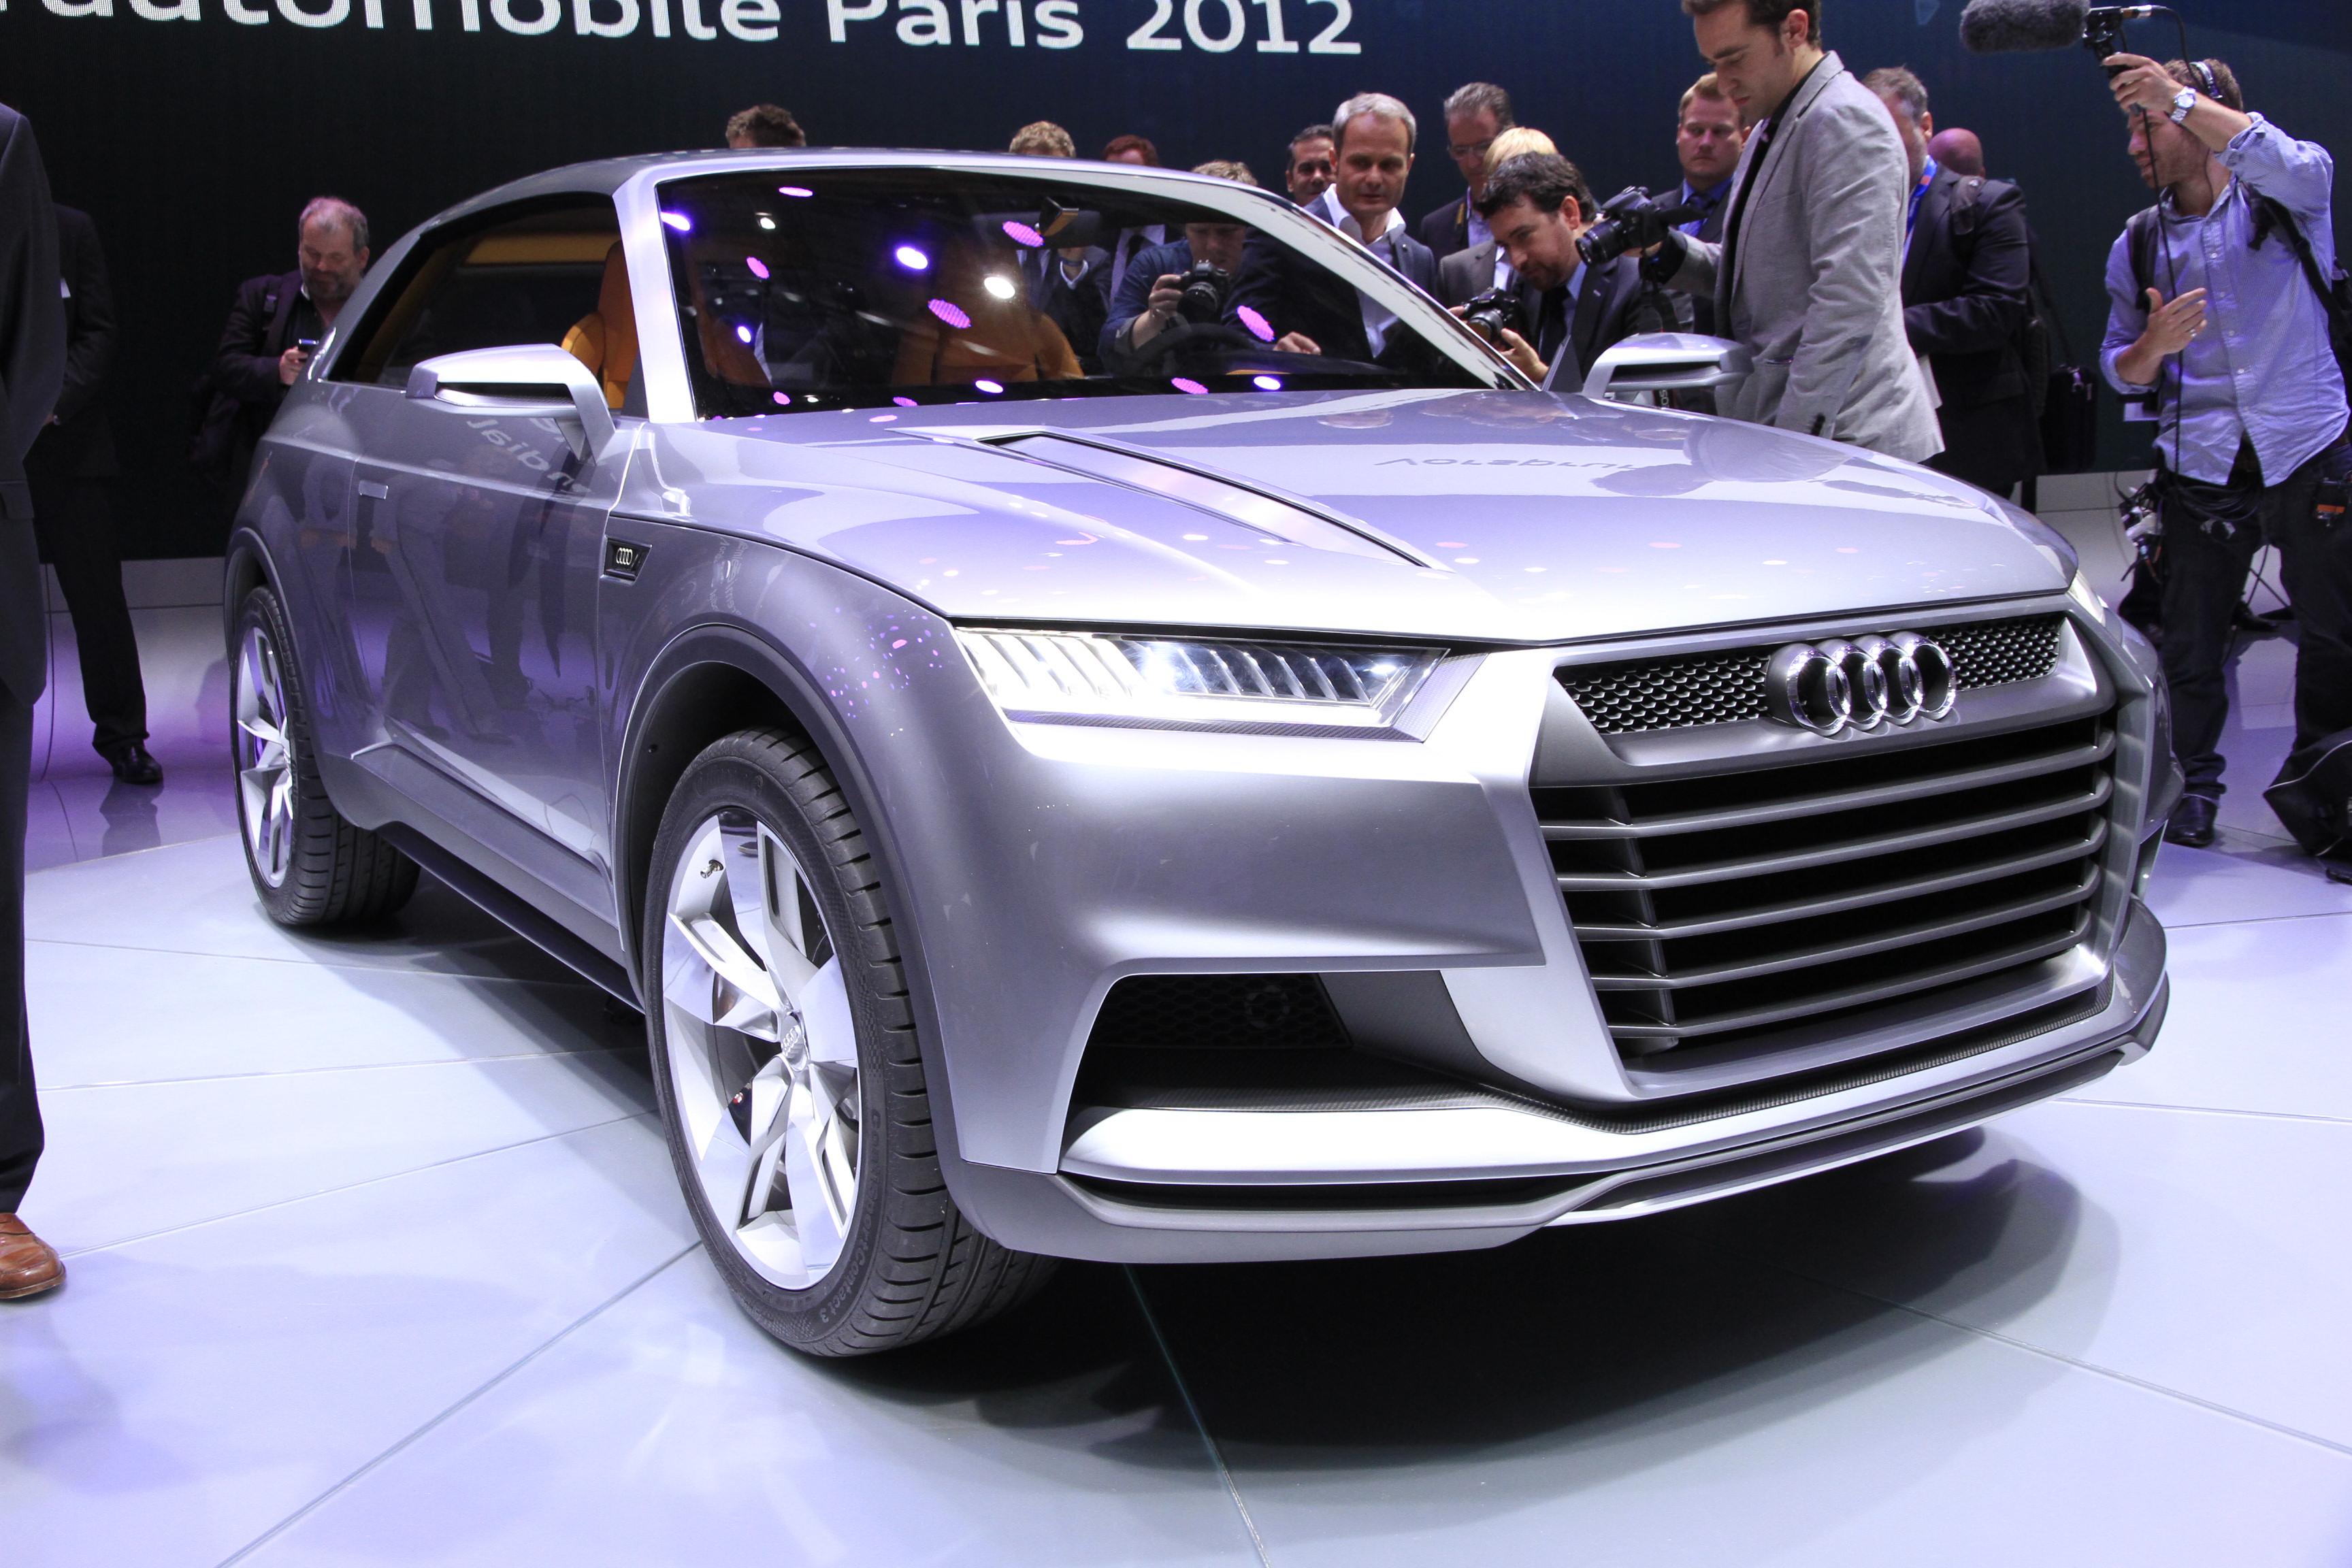 http://images.caradisiac.com/images/1/4/1/6/81416/S0-Mondial-de-Paris-2012-Audi-Crosslane-Coupe-le-style-Audi-evolue-273508.jpg